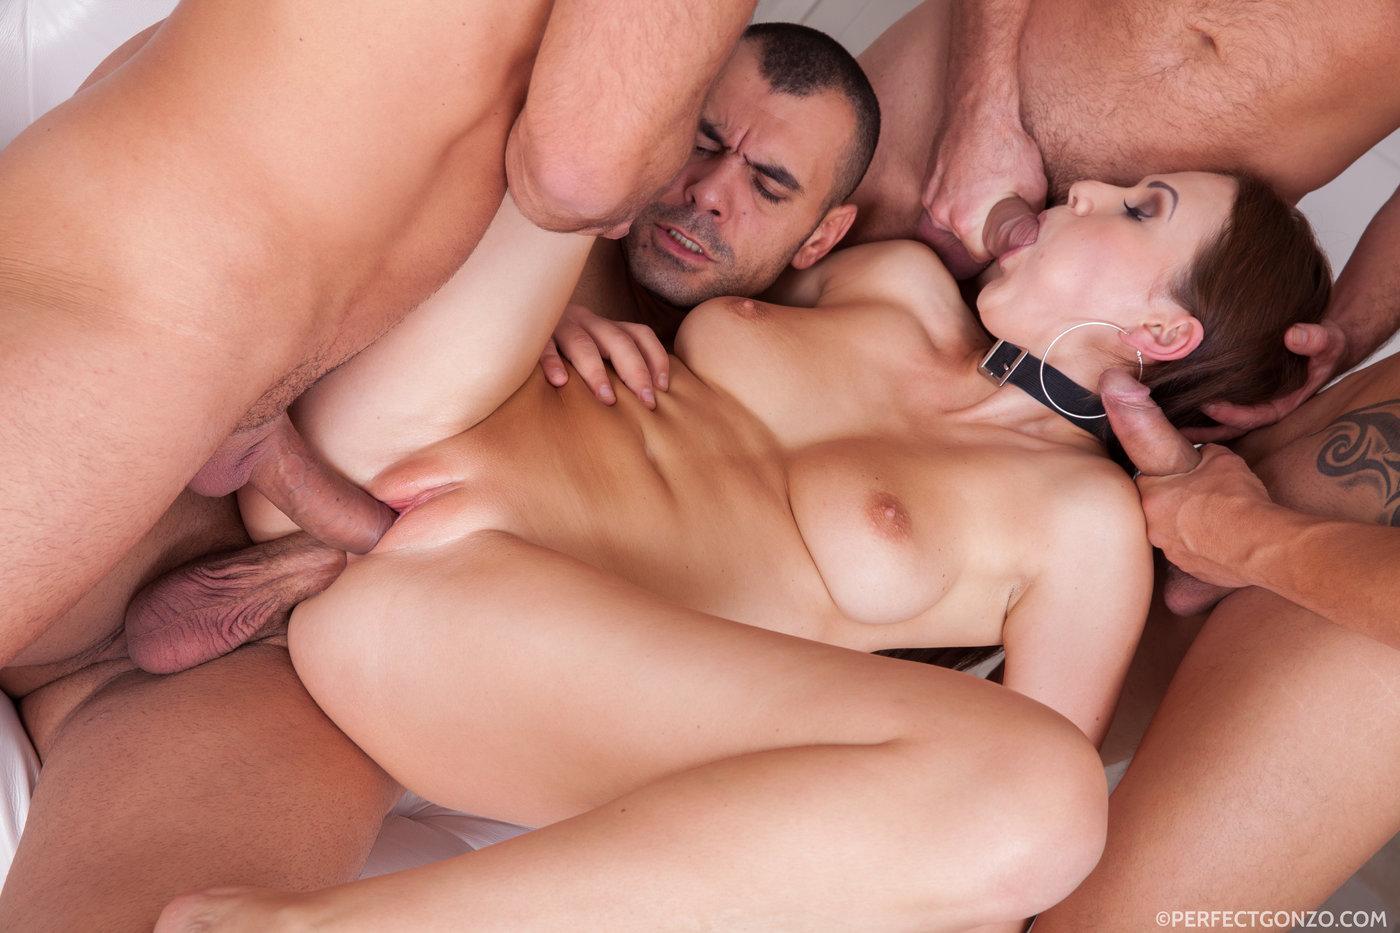 сперма пять парней и одна девушка порно фото влагалище